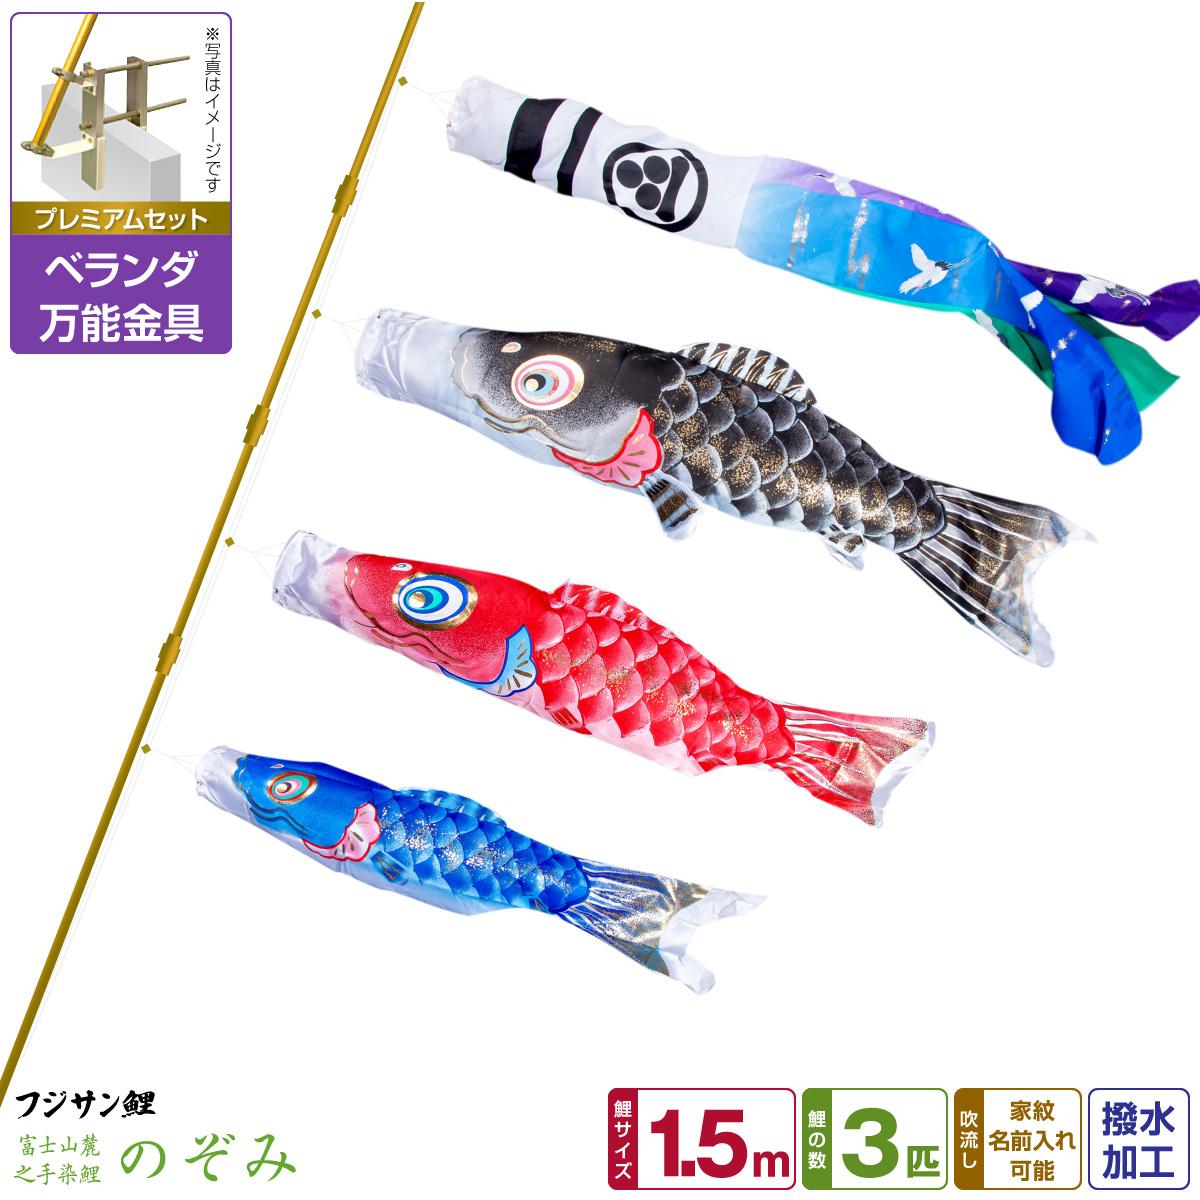 ベランダ用 こいのぼり 鯉のぼり フジサン鯉 のぞみ鯉 1.5m 6点(吹流し+鯉3匹+矢車+ロープ)/プレミアムセット(万能取付金具)